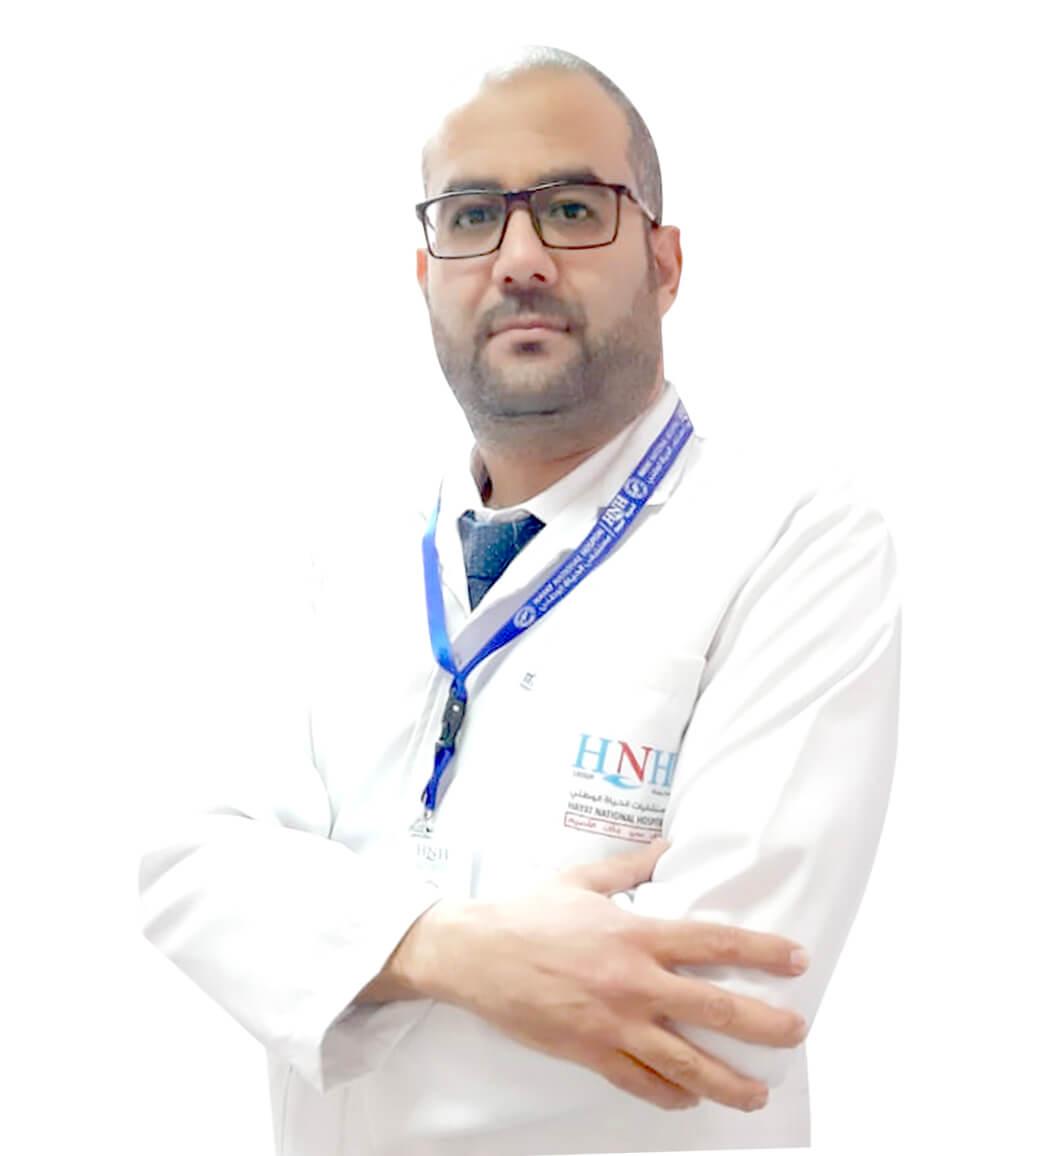 الدكتور حسام الدين حسن | أخصائي طب الاسنان | مستشفى الحياة الوطني عسير